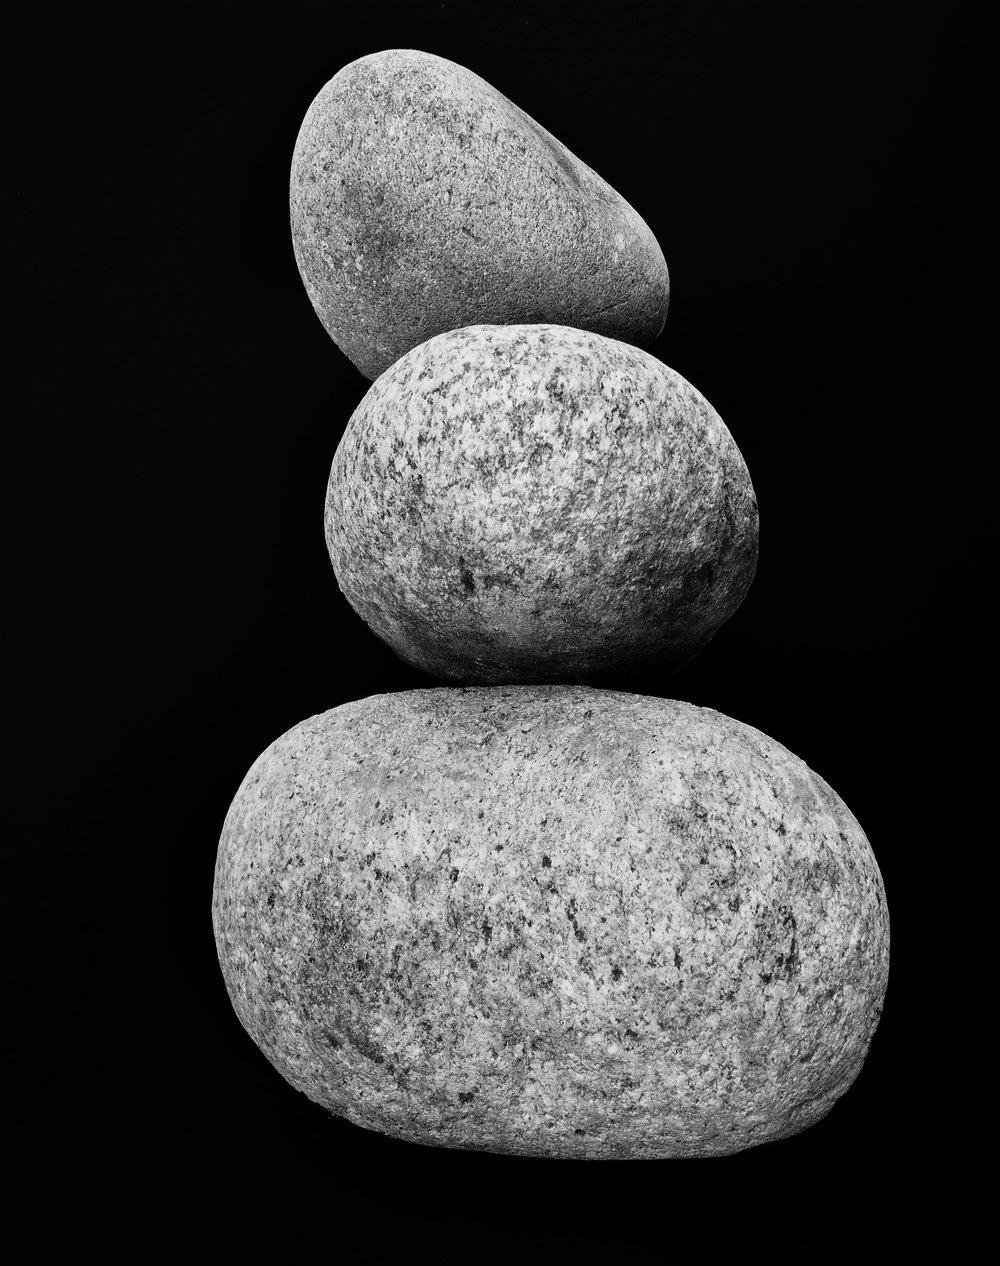 2-Rock-multi_B&W-3220096-final-9x12.jpg